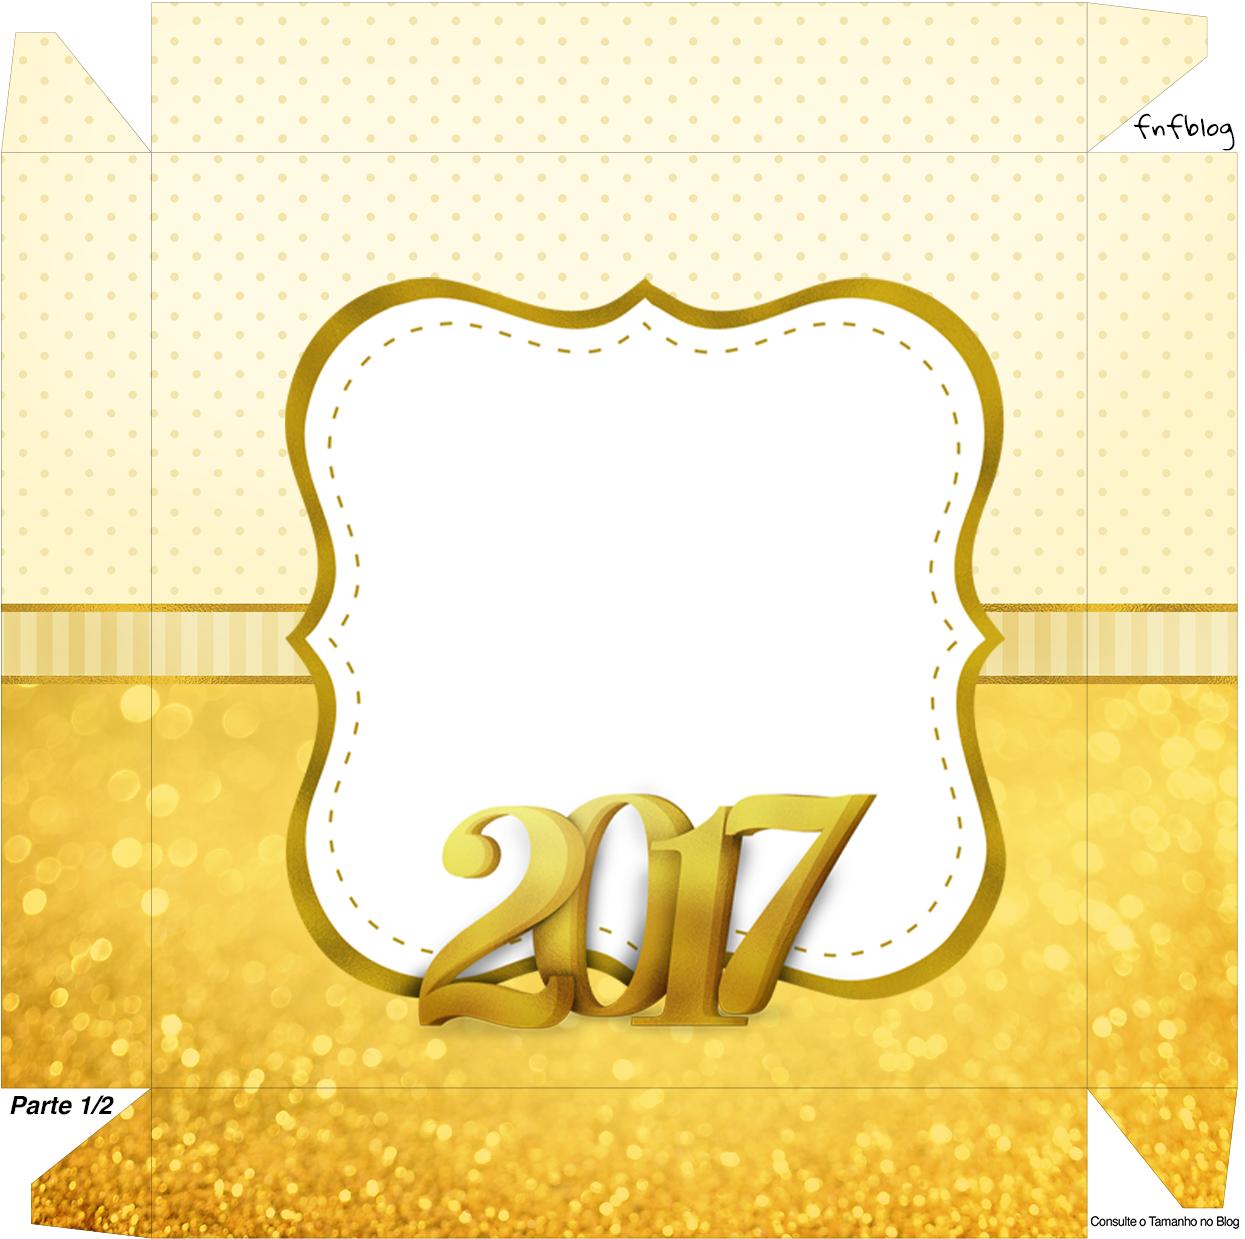 Caixa bombom tampa Ano Novo 2017